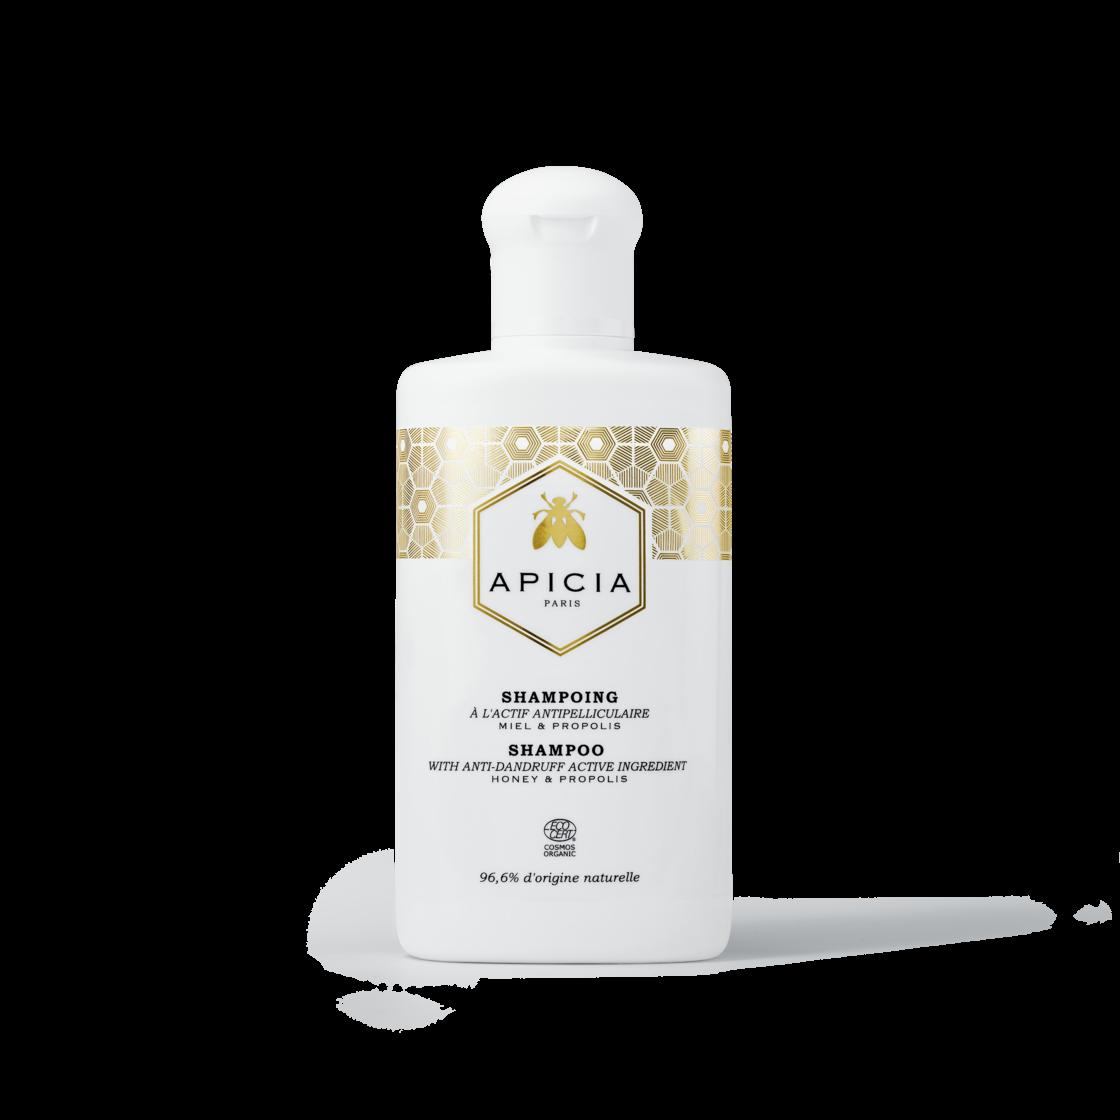 Un shampooing pour réparer en douceur les cheveux maltraités par le soleil (Shampooing Apicia, 13,90 €)